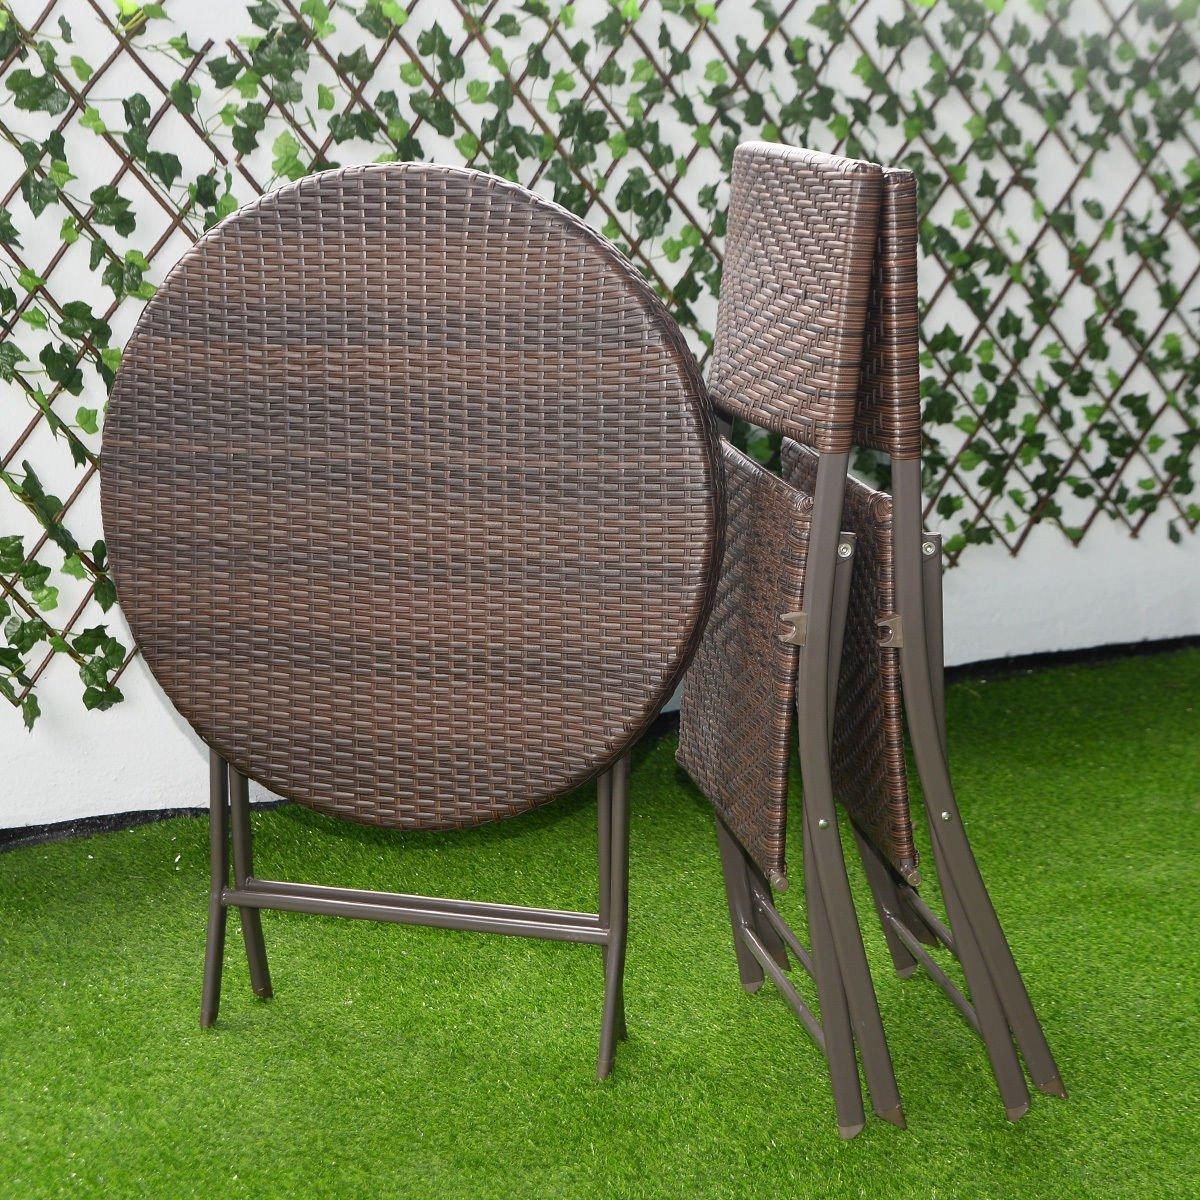 Giantex 3pc Folding Round Table Chair Bistro Set Rattan